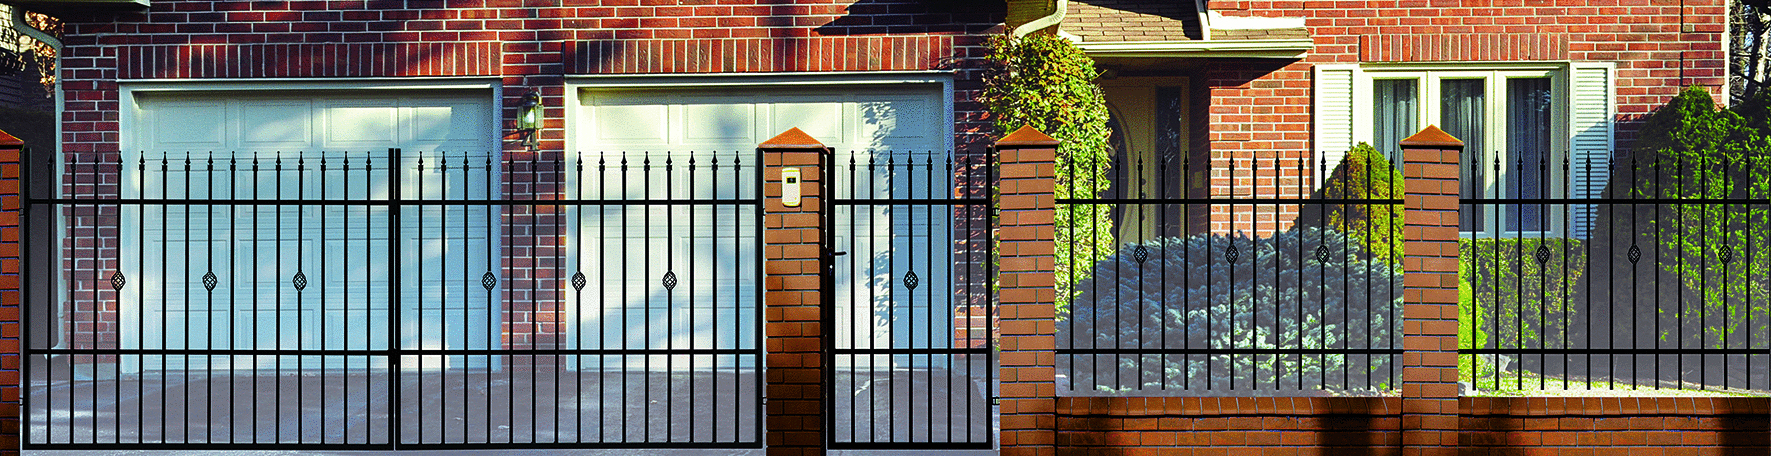 klassisches einfahrtstor elektrisch nova schwarz 400 x 150 cm bauelemente. Black Bedroom Furniture Sets. Home Design Ideas